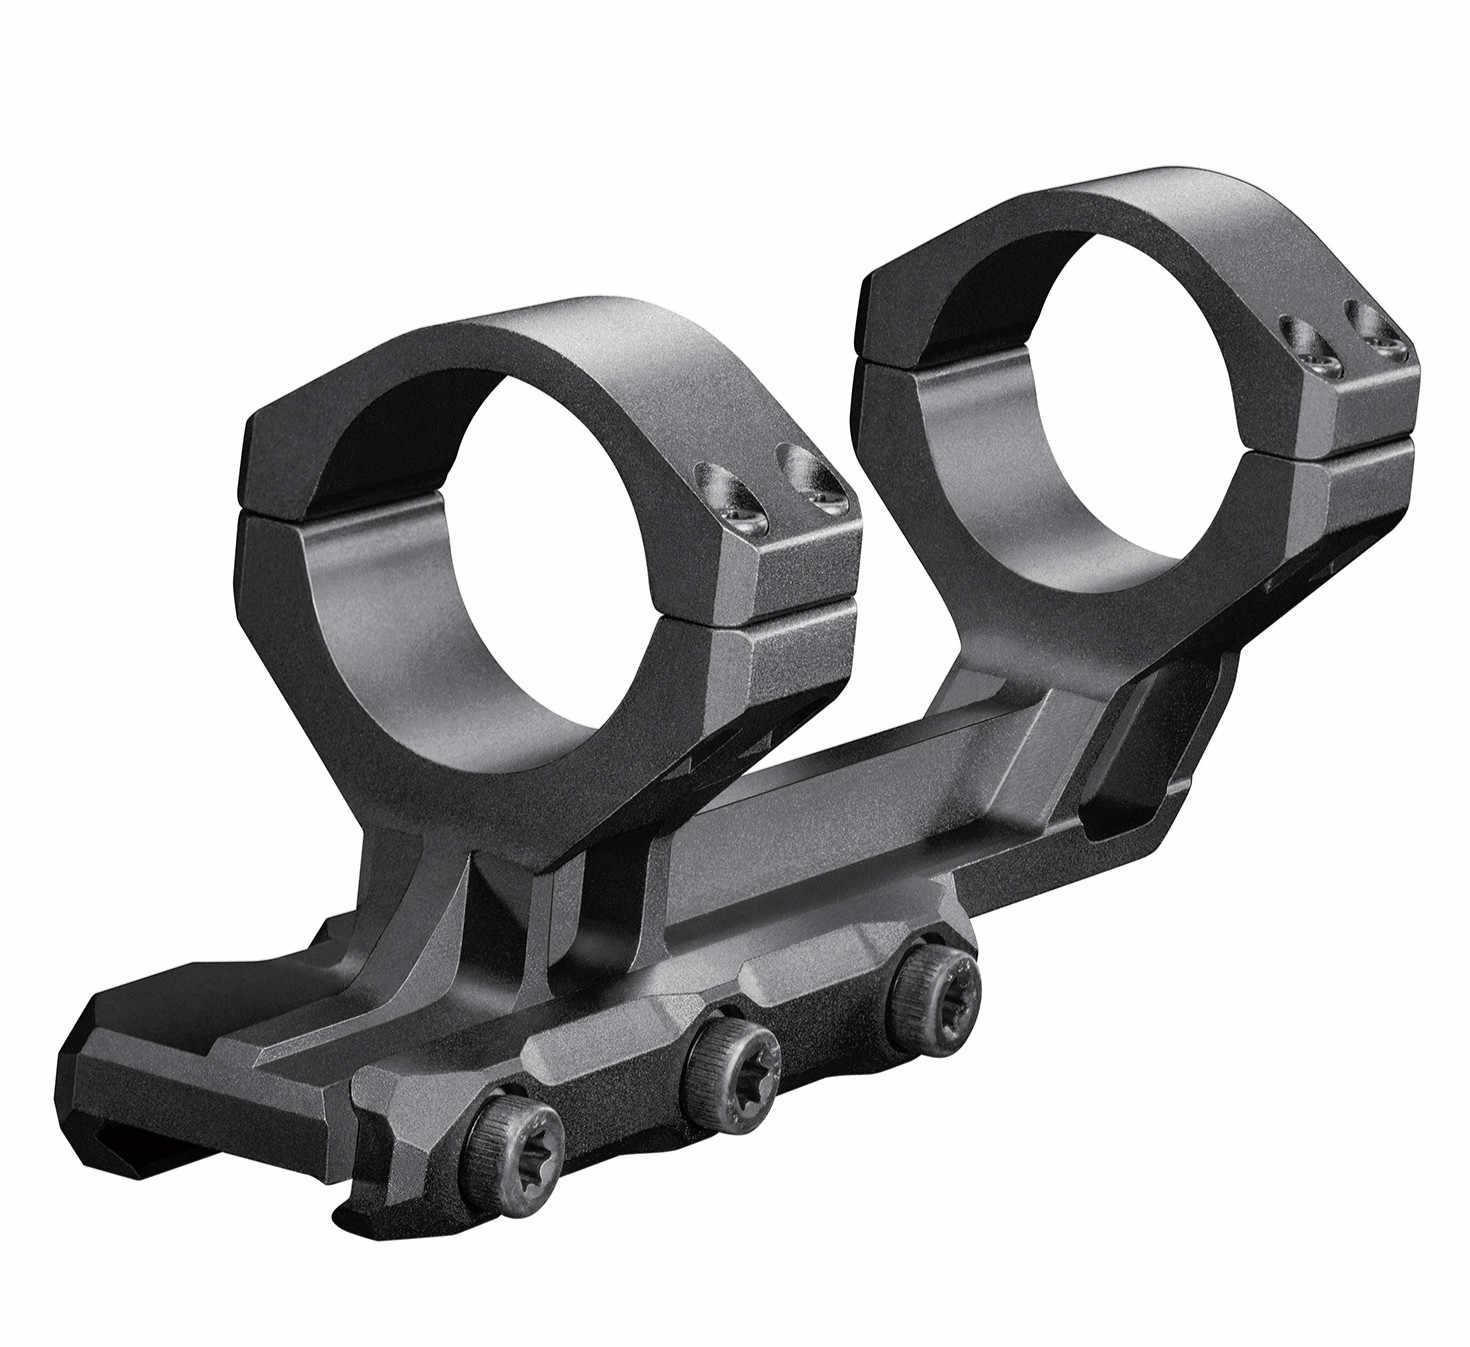 מקצועי Speical ציד רובה אקדח היקף מקשה אחת הר טבעת Ultralight 25.4MM 1 אינץ היקף הר